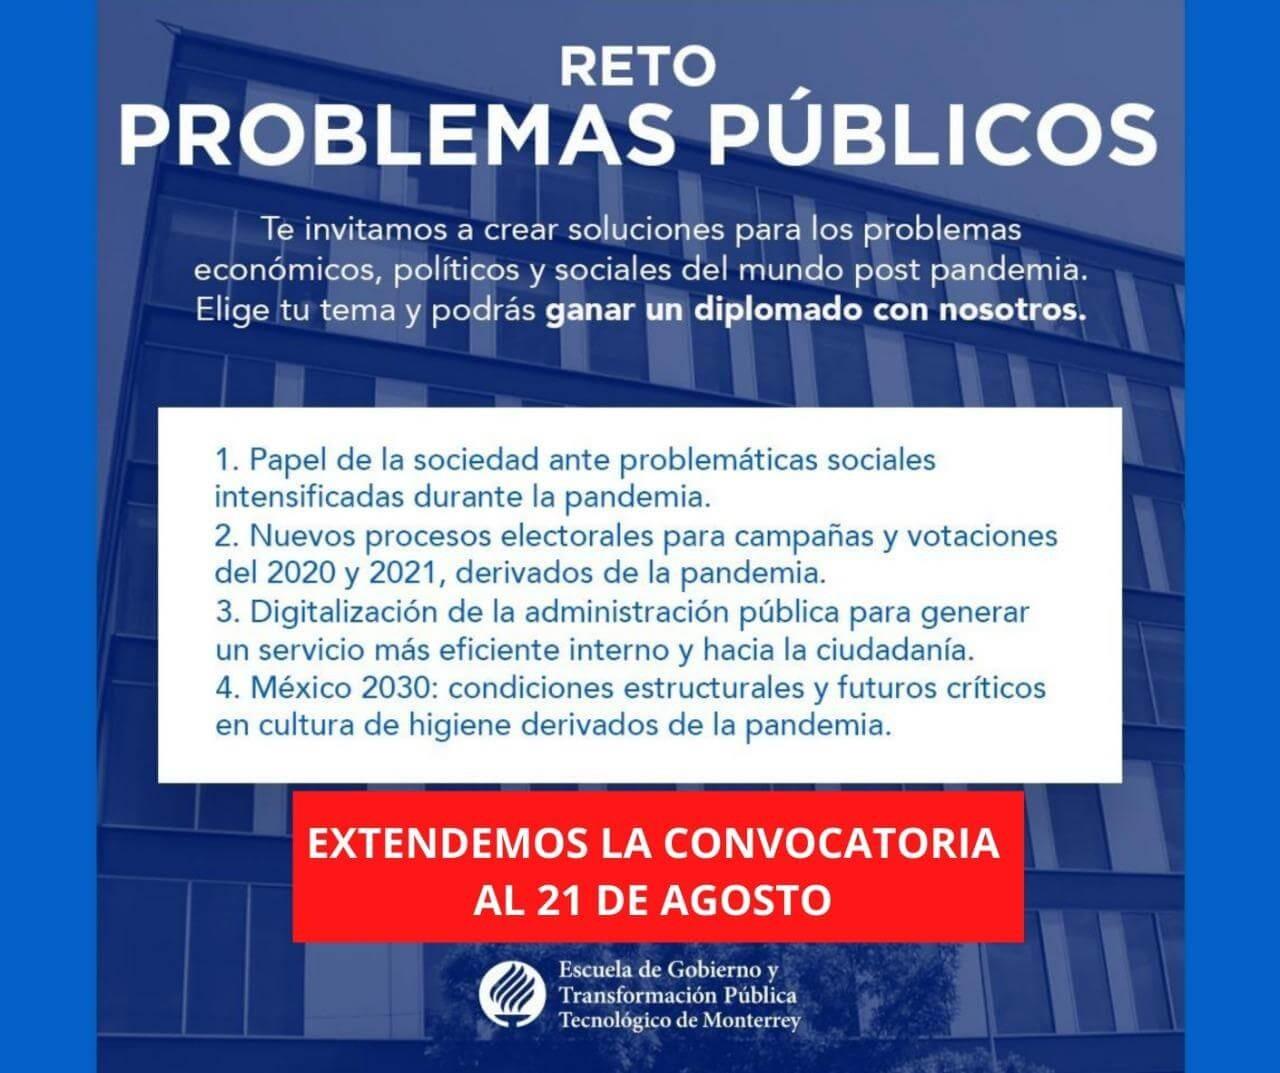 Convocatoria Reto Problemas Publicos